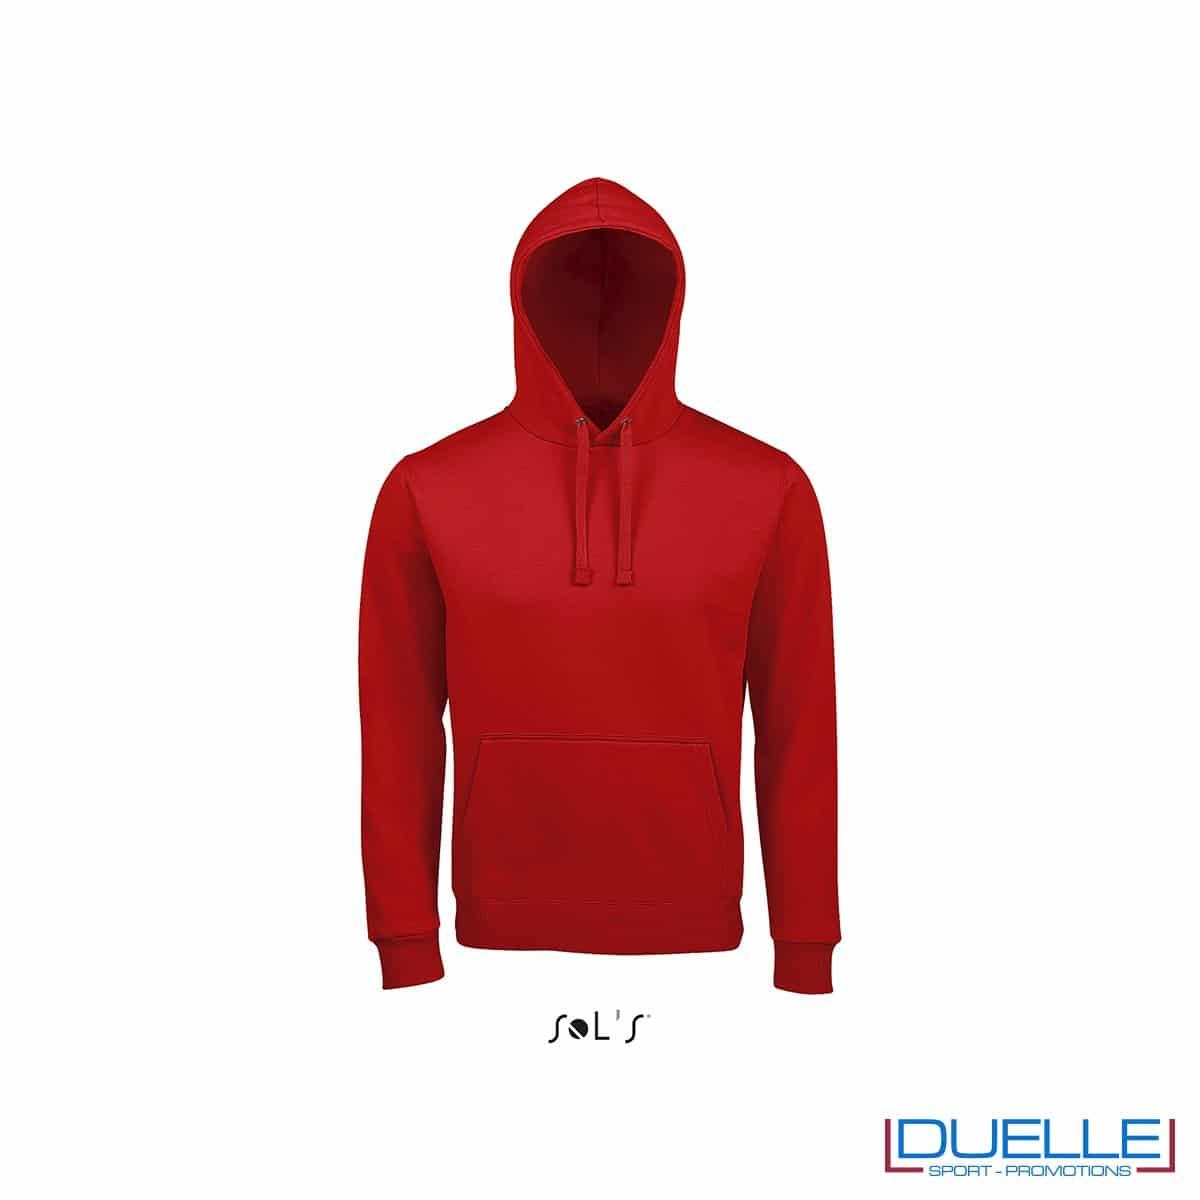 Felpa unisex con cappuccio personalizzata colore rosso